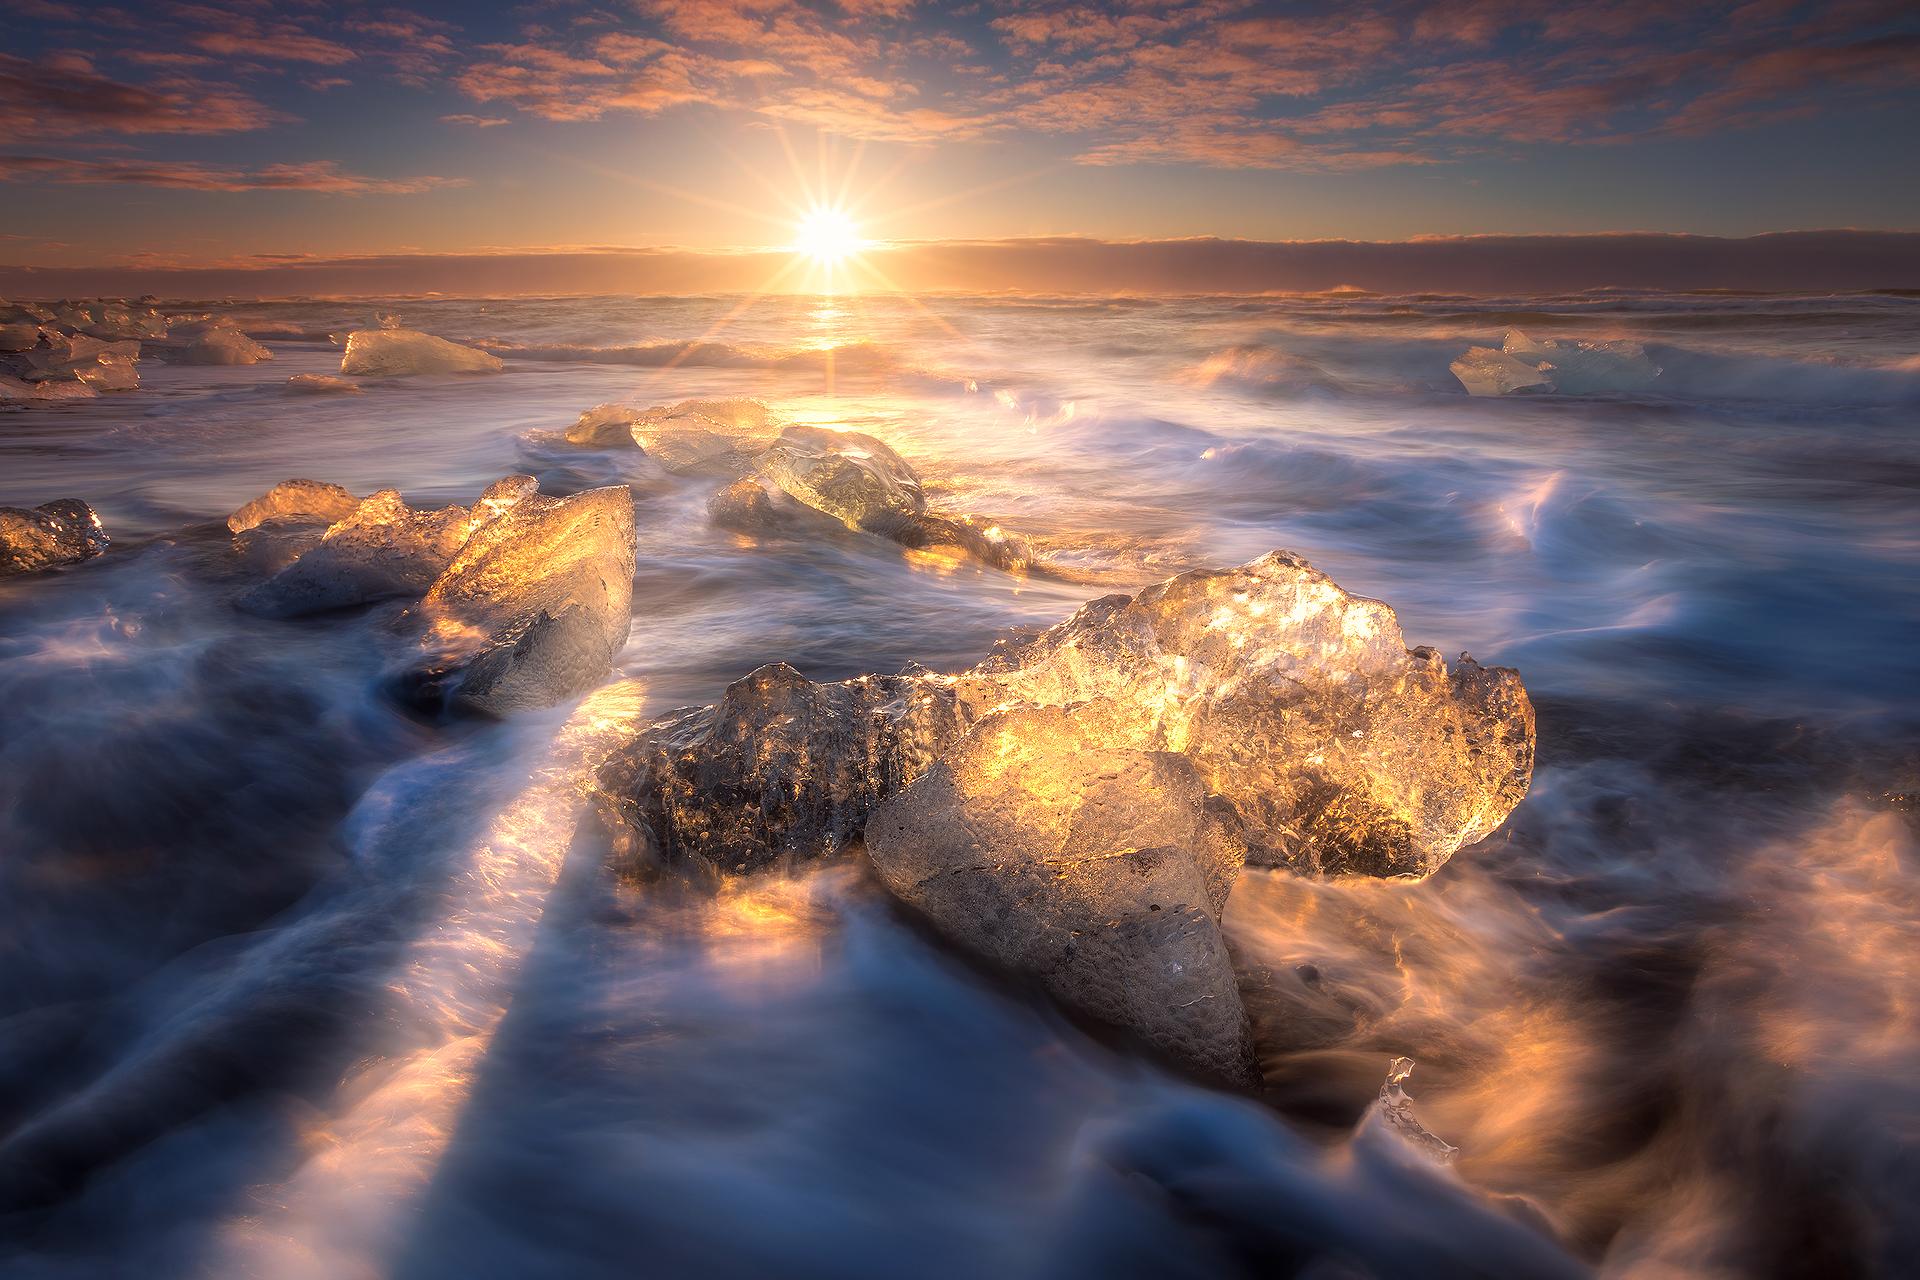 冰岛钻石沙滩上的大冰块在一天的任何时候都能给人留下深刻的印象。